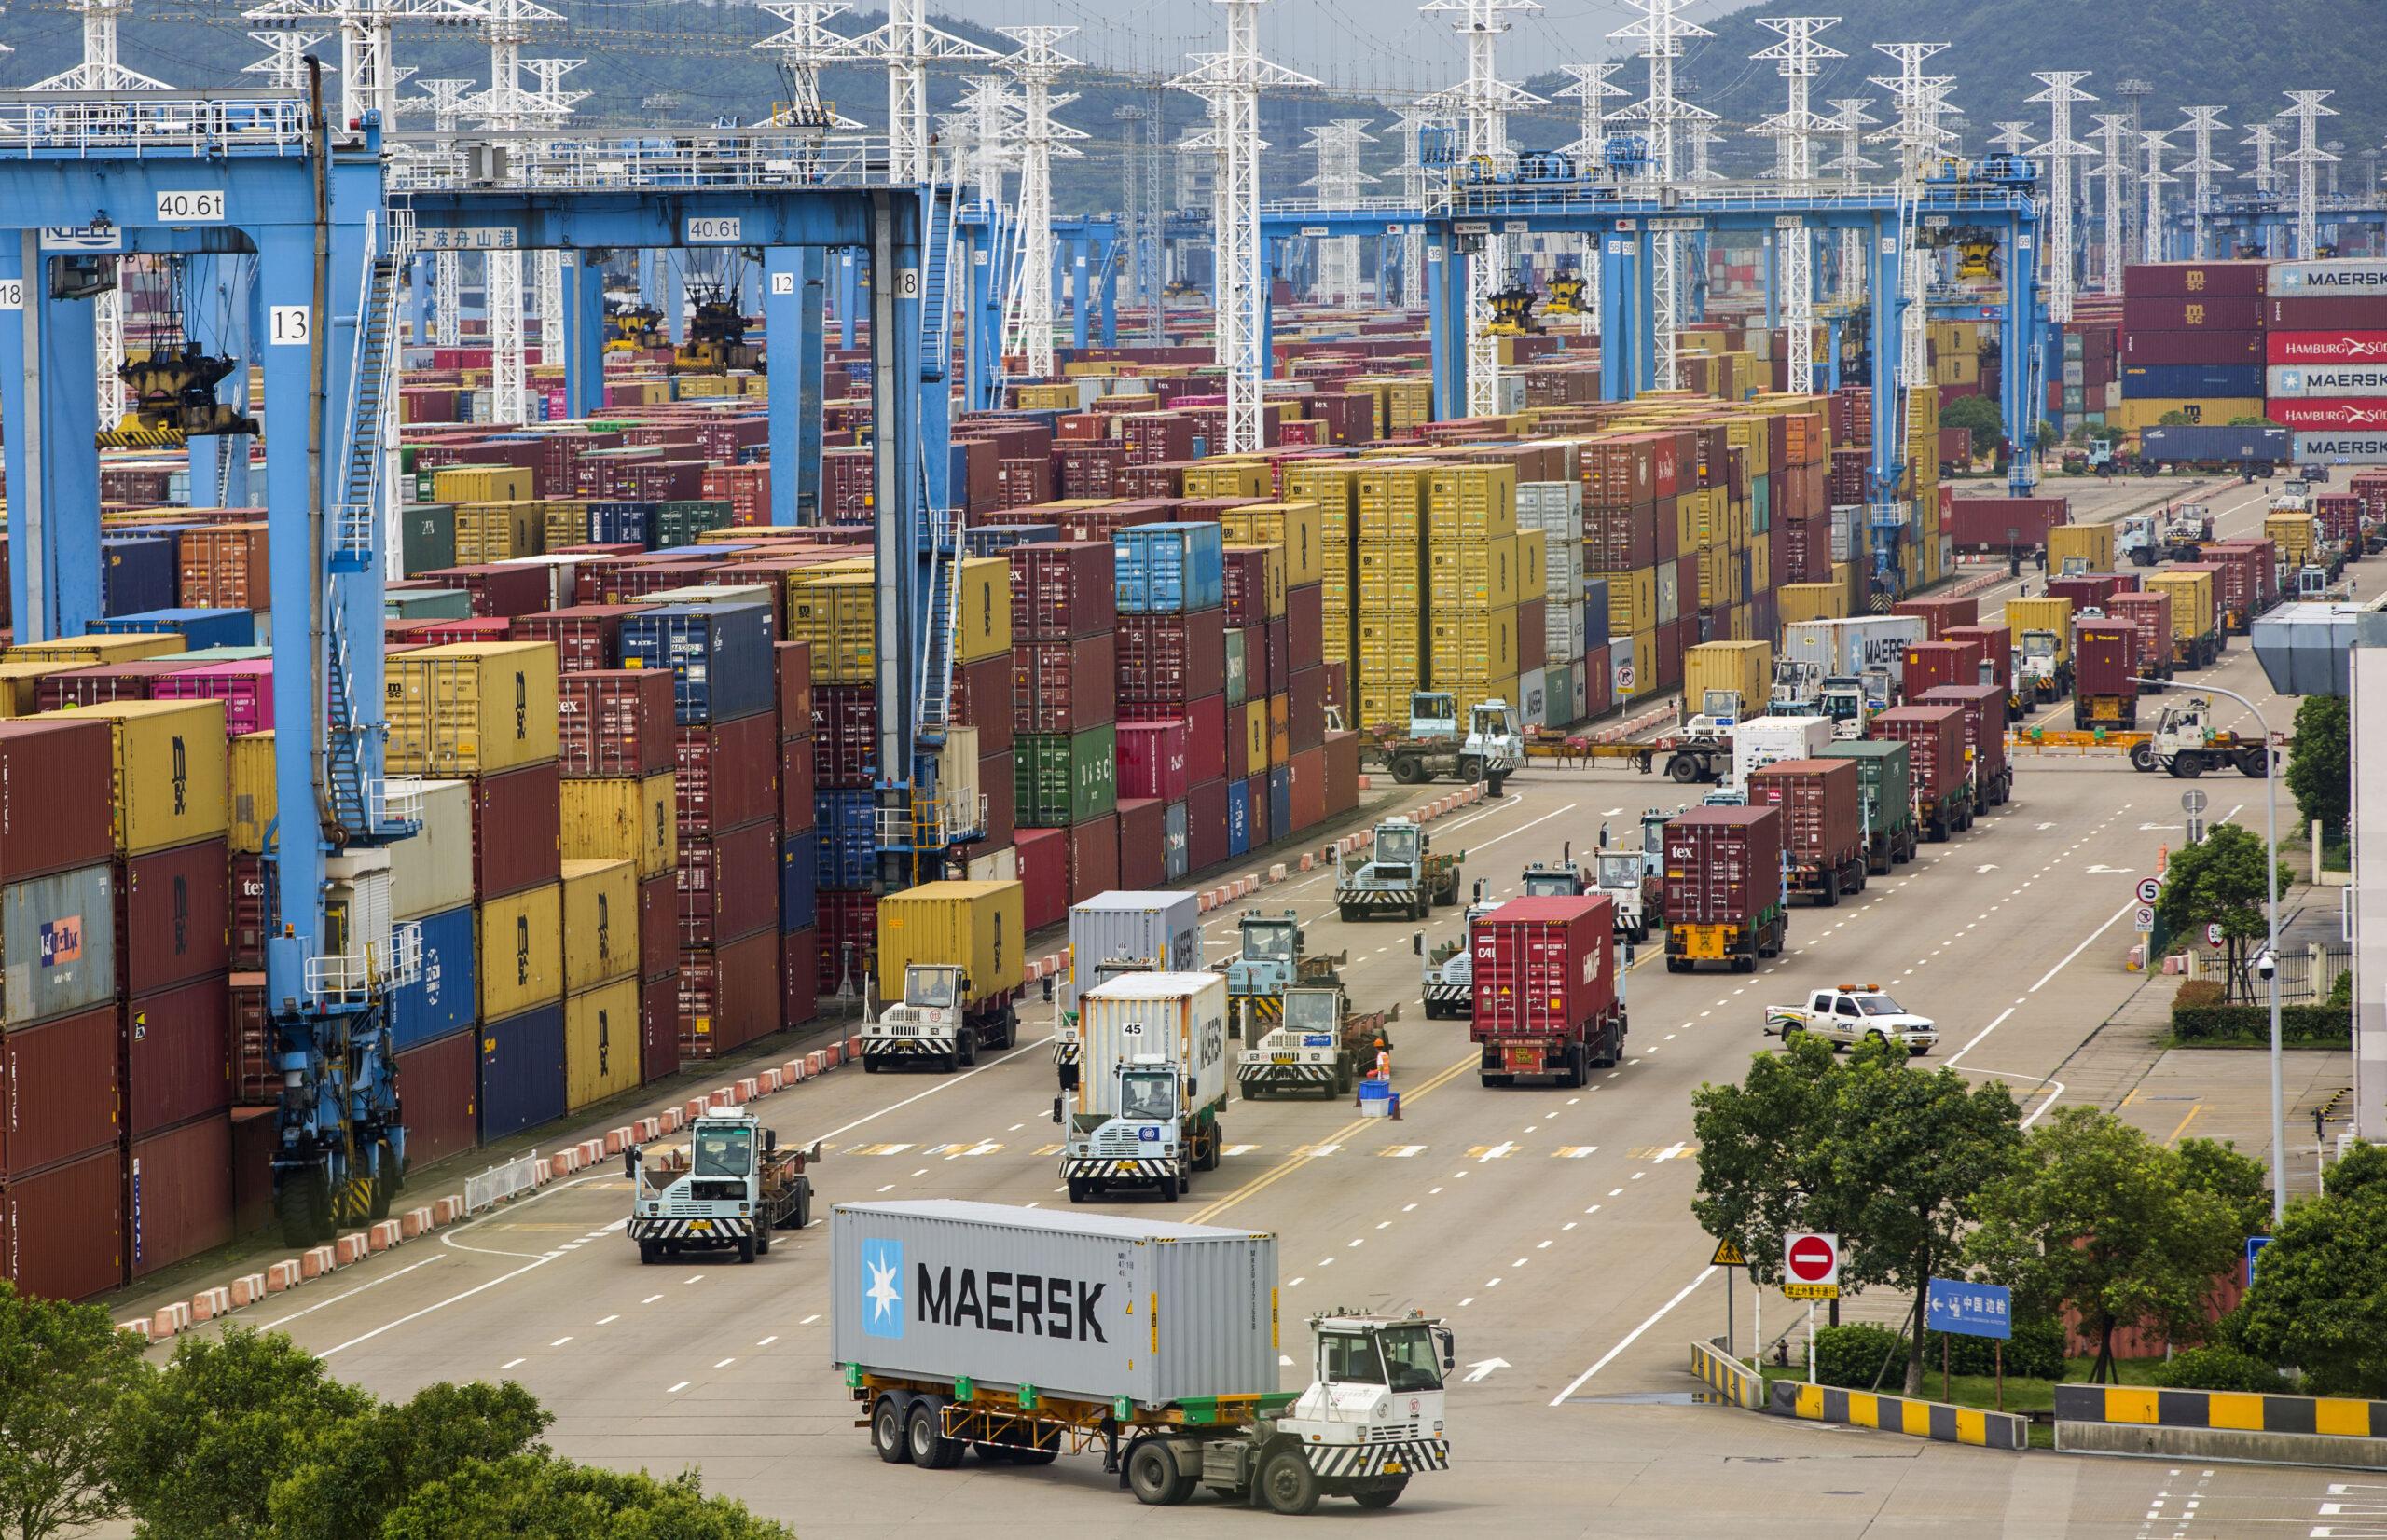 จีนเผย 'ยอดขนส่งสินค้า-ตู้คอนเทนเนอร์' โตต่อเนื่องในเดือนกรกฎาคม